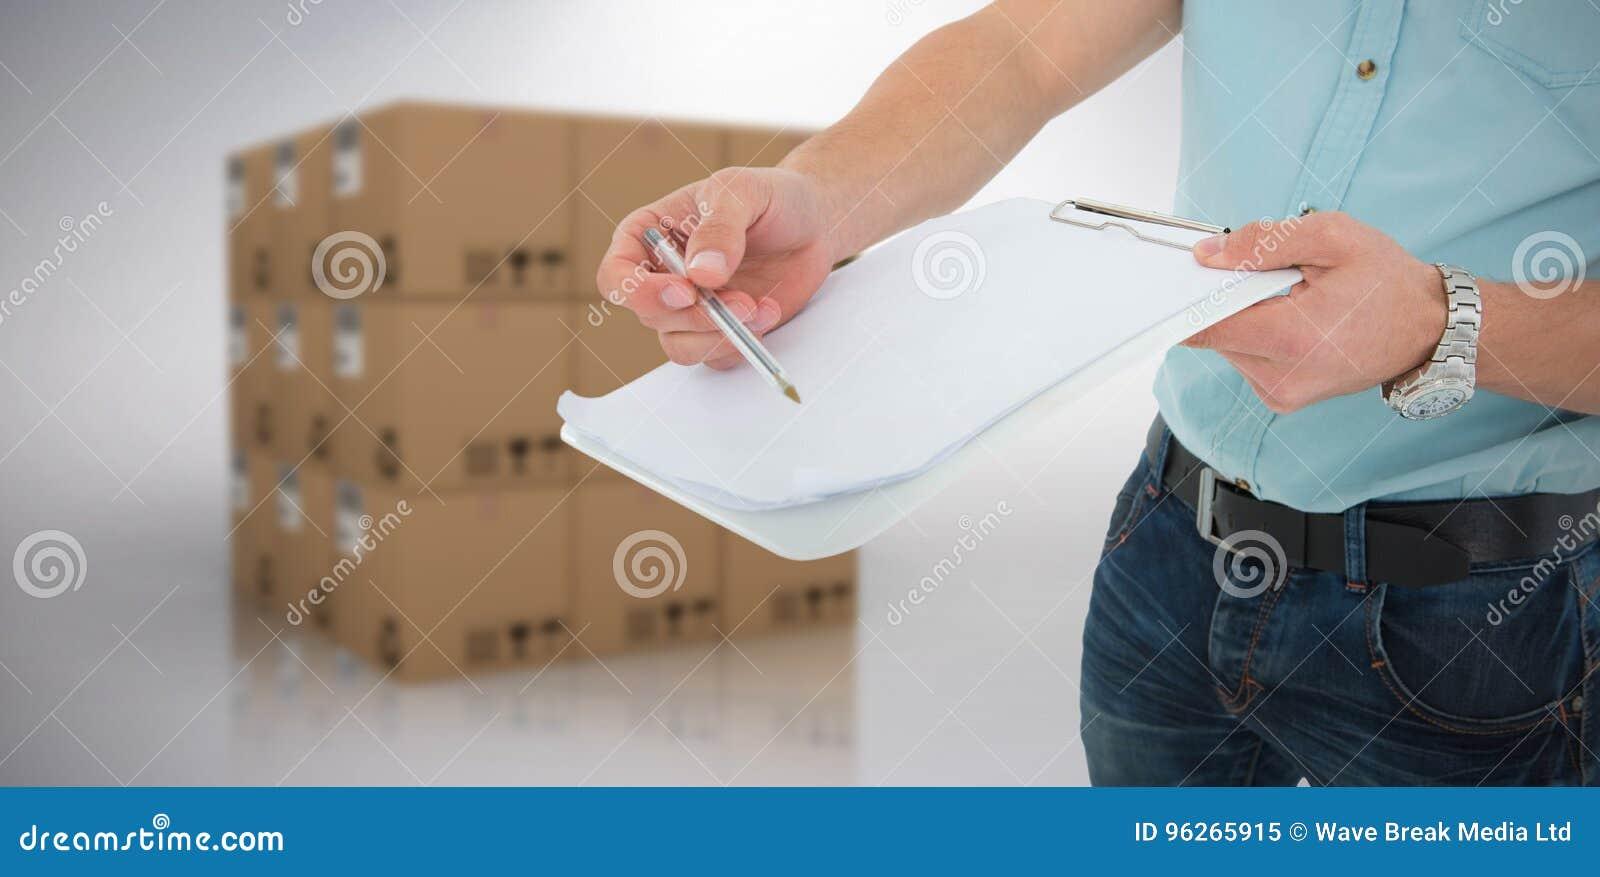 Immagine composita del fattorino con la lavagna per appunti che chiede la firma